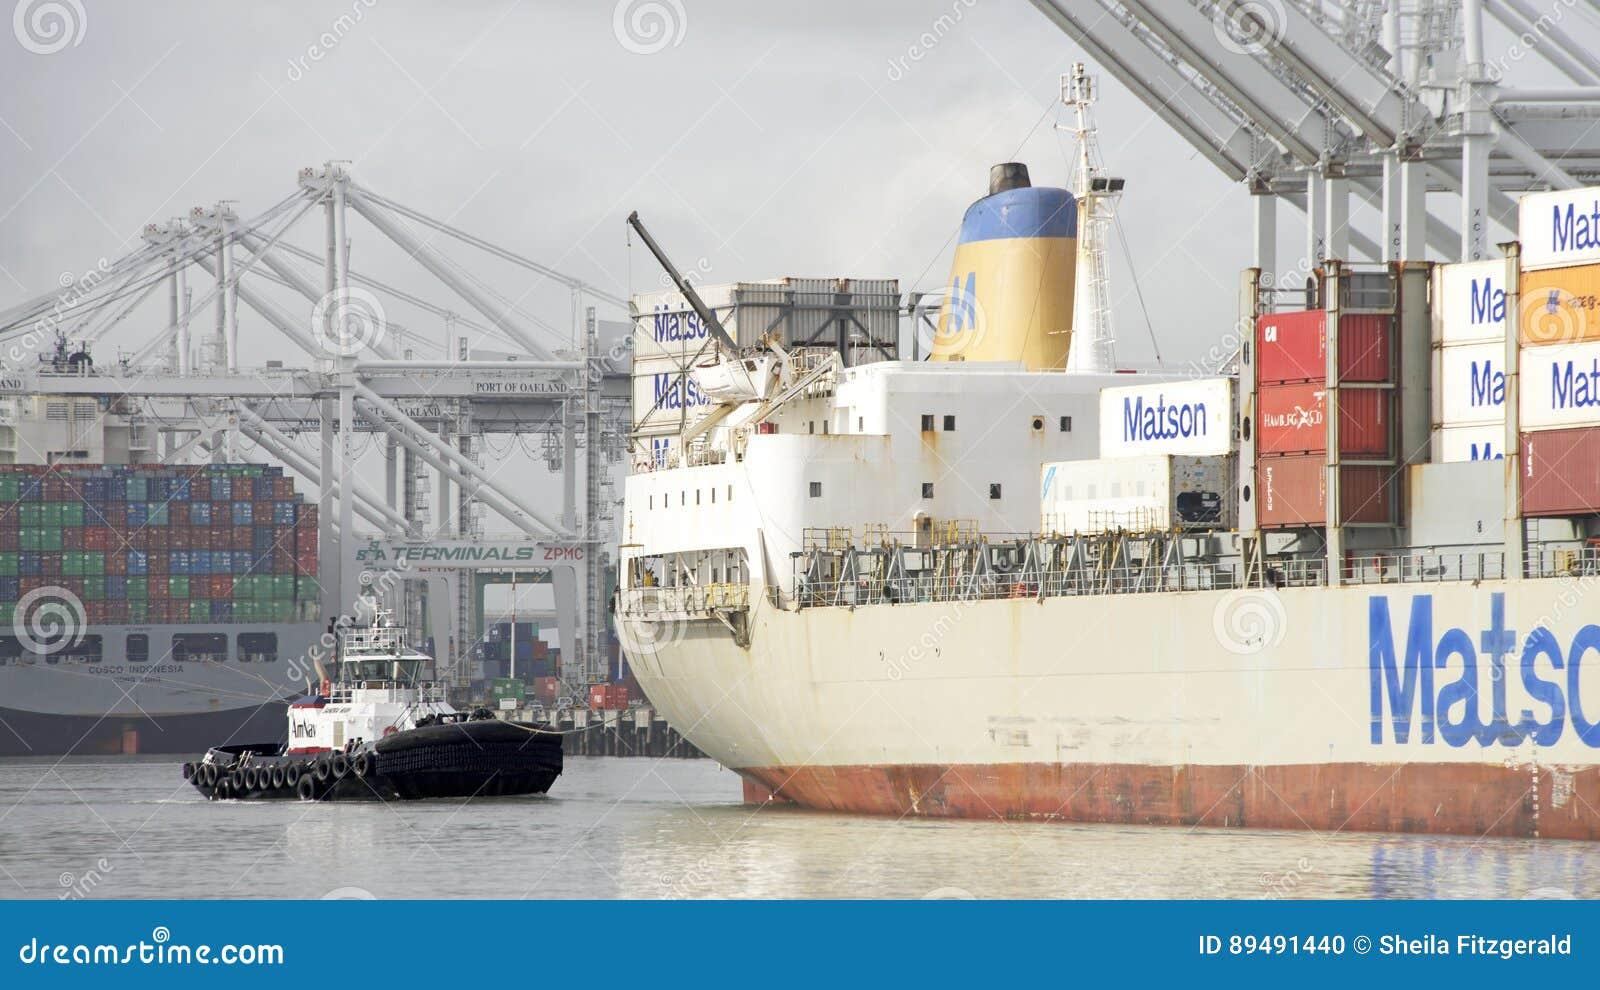 Navio de carga MAUI de Matson que entra no porto de Oakland